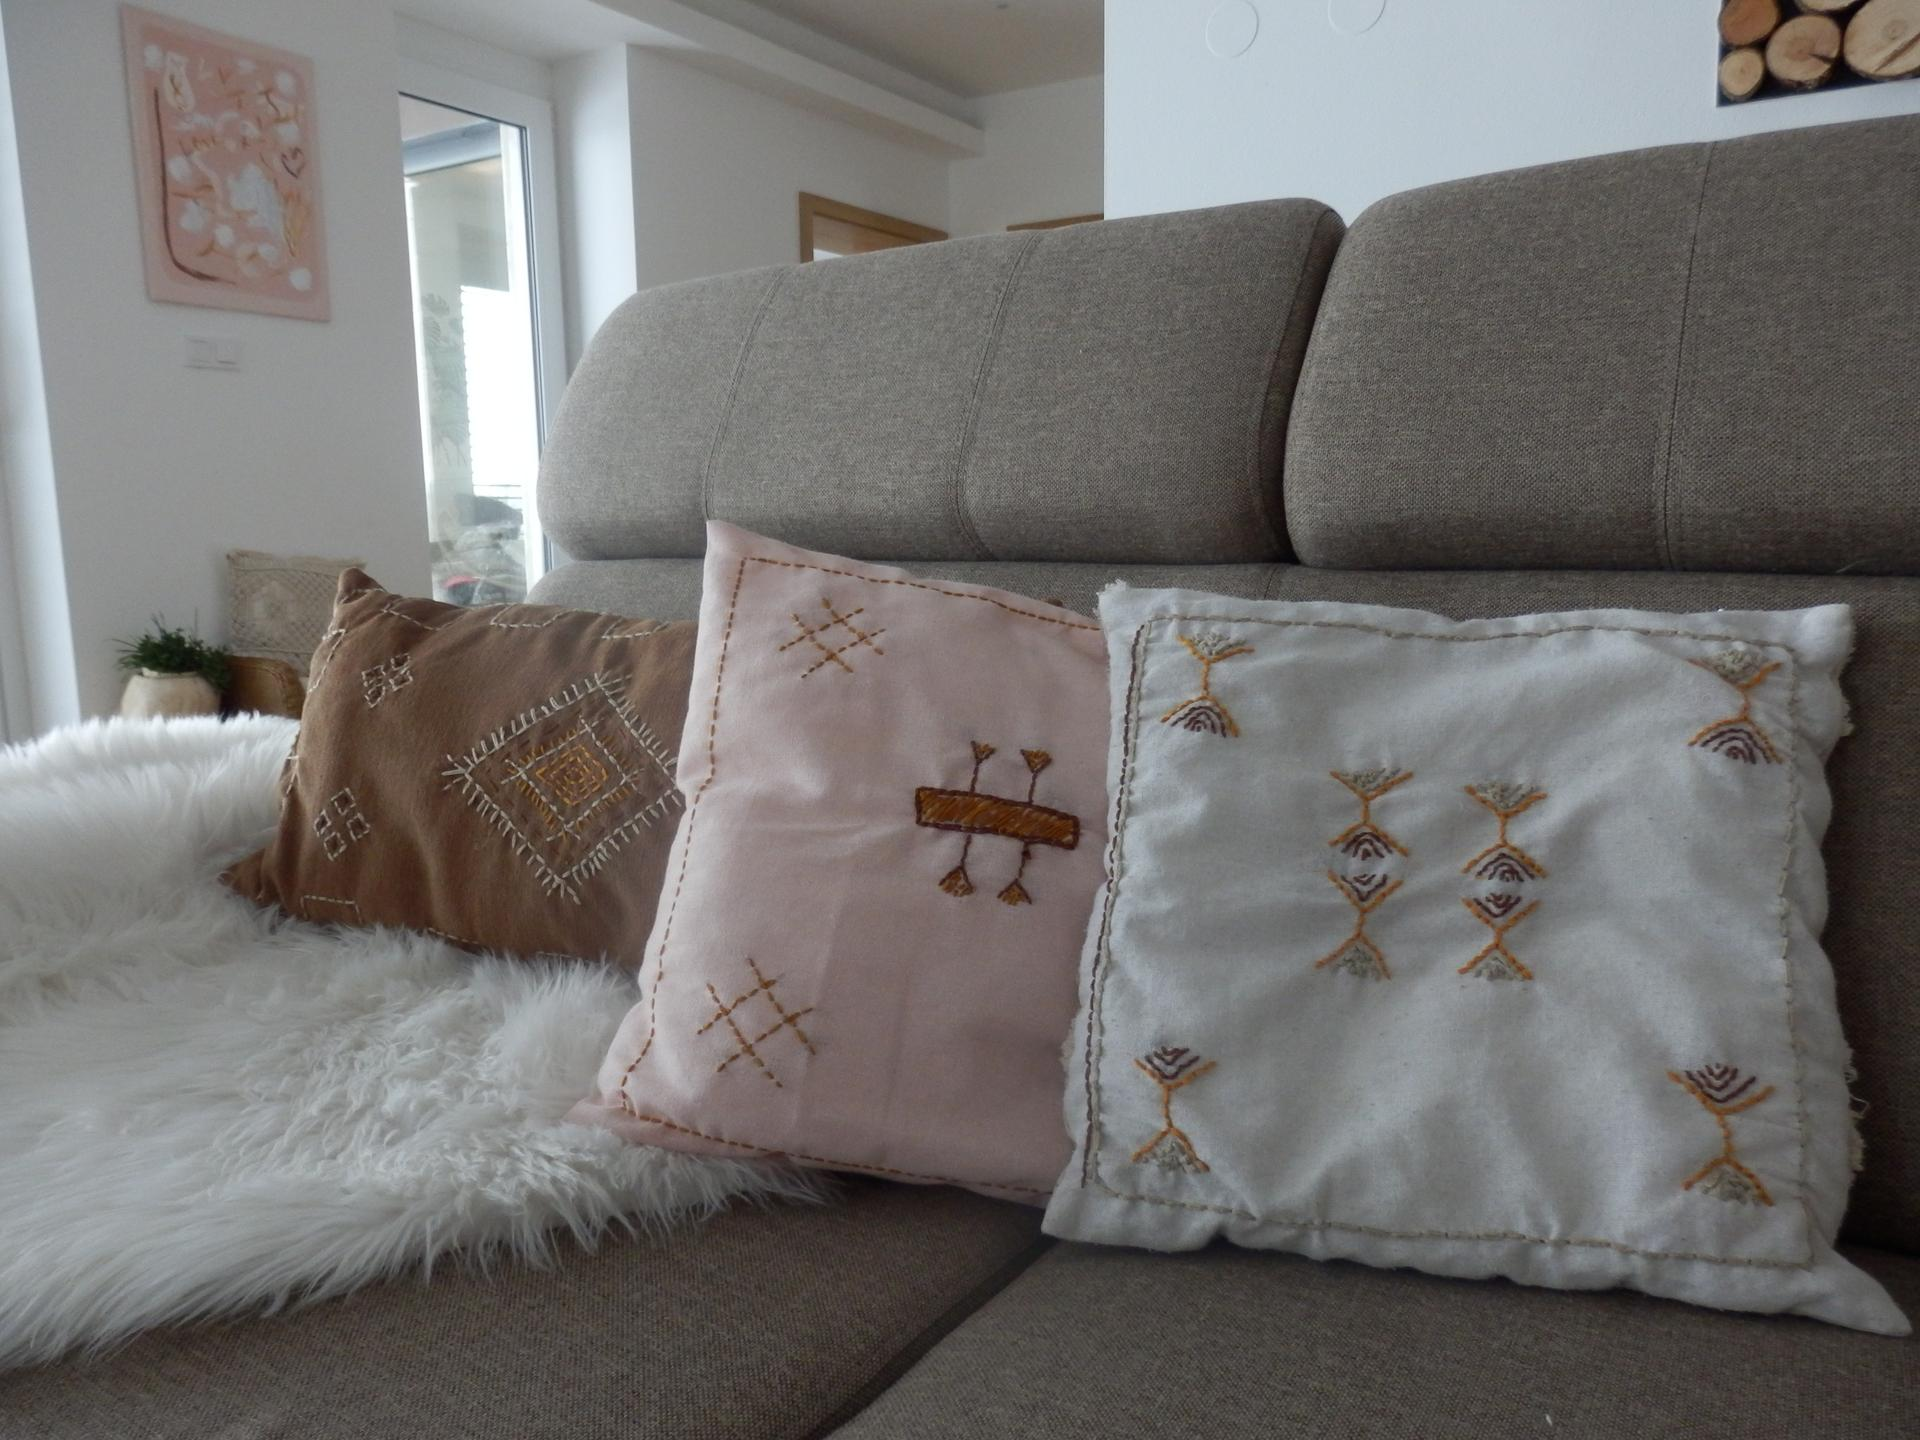 Tvoření je radost - DIY polštářky s marockými vzory - momentálně má oblíbená barevná kombinace. :-)